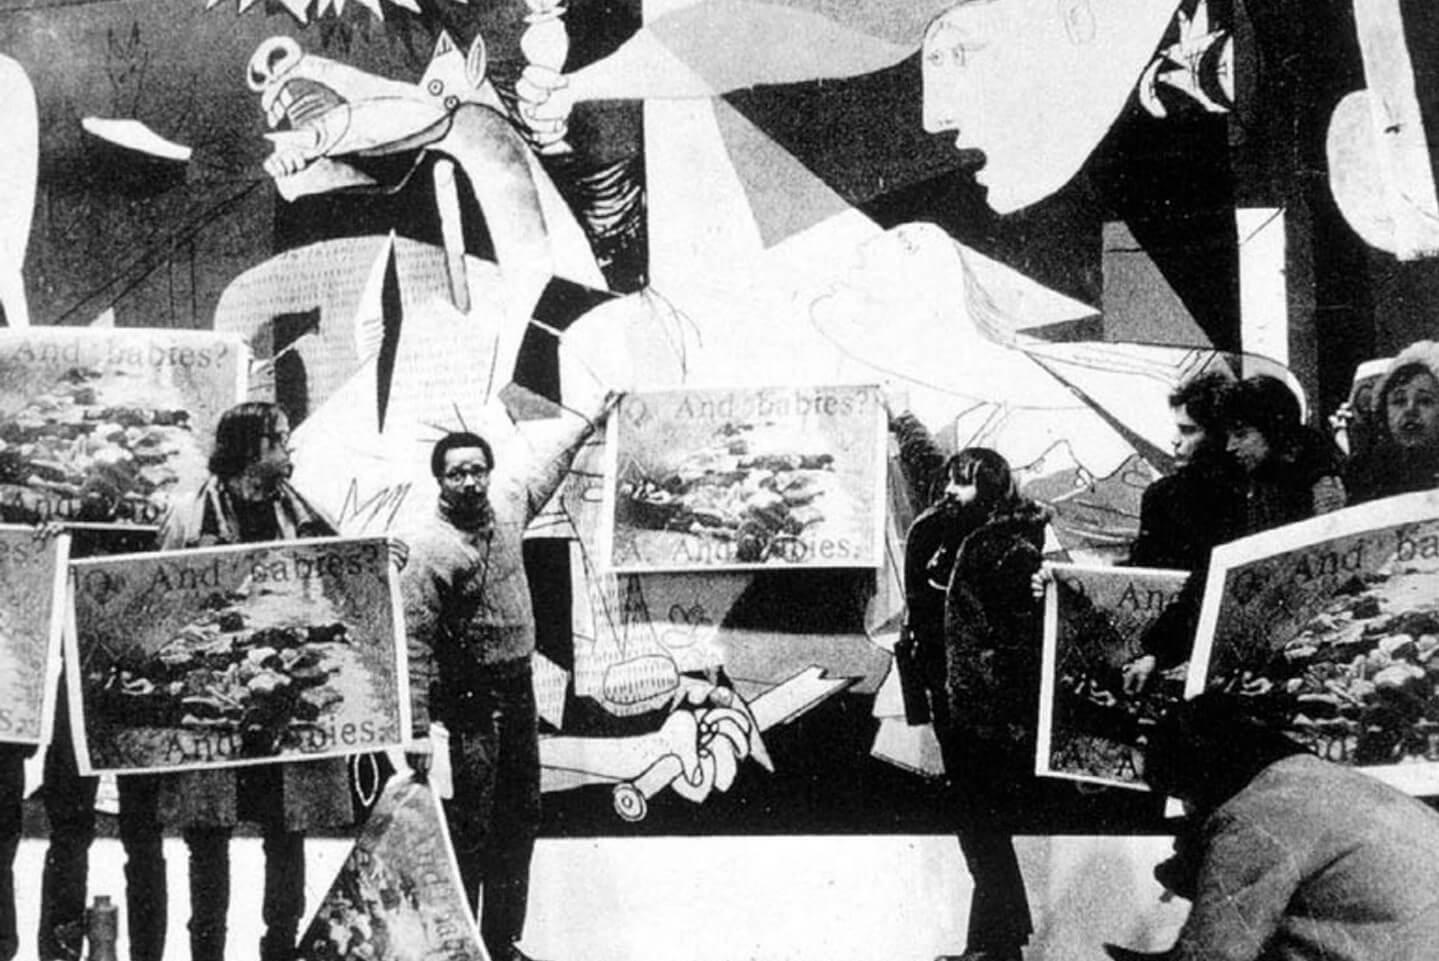 הפגנת קואליציאת עובדי האמנות מול הגרניקה במומה, 1970